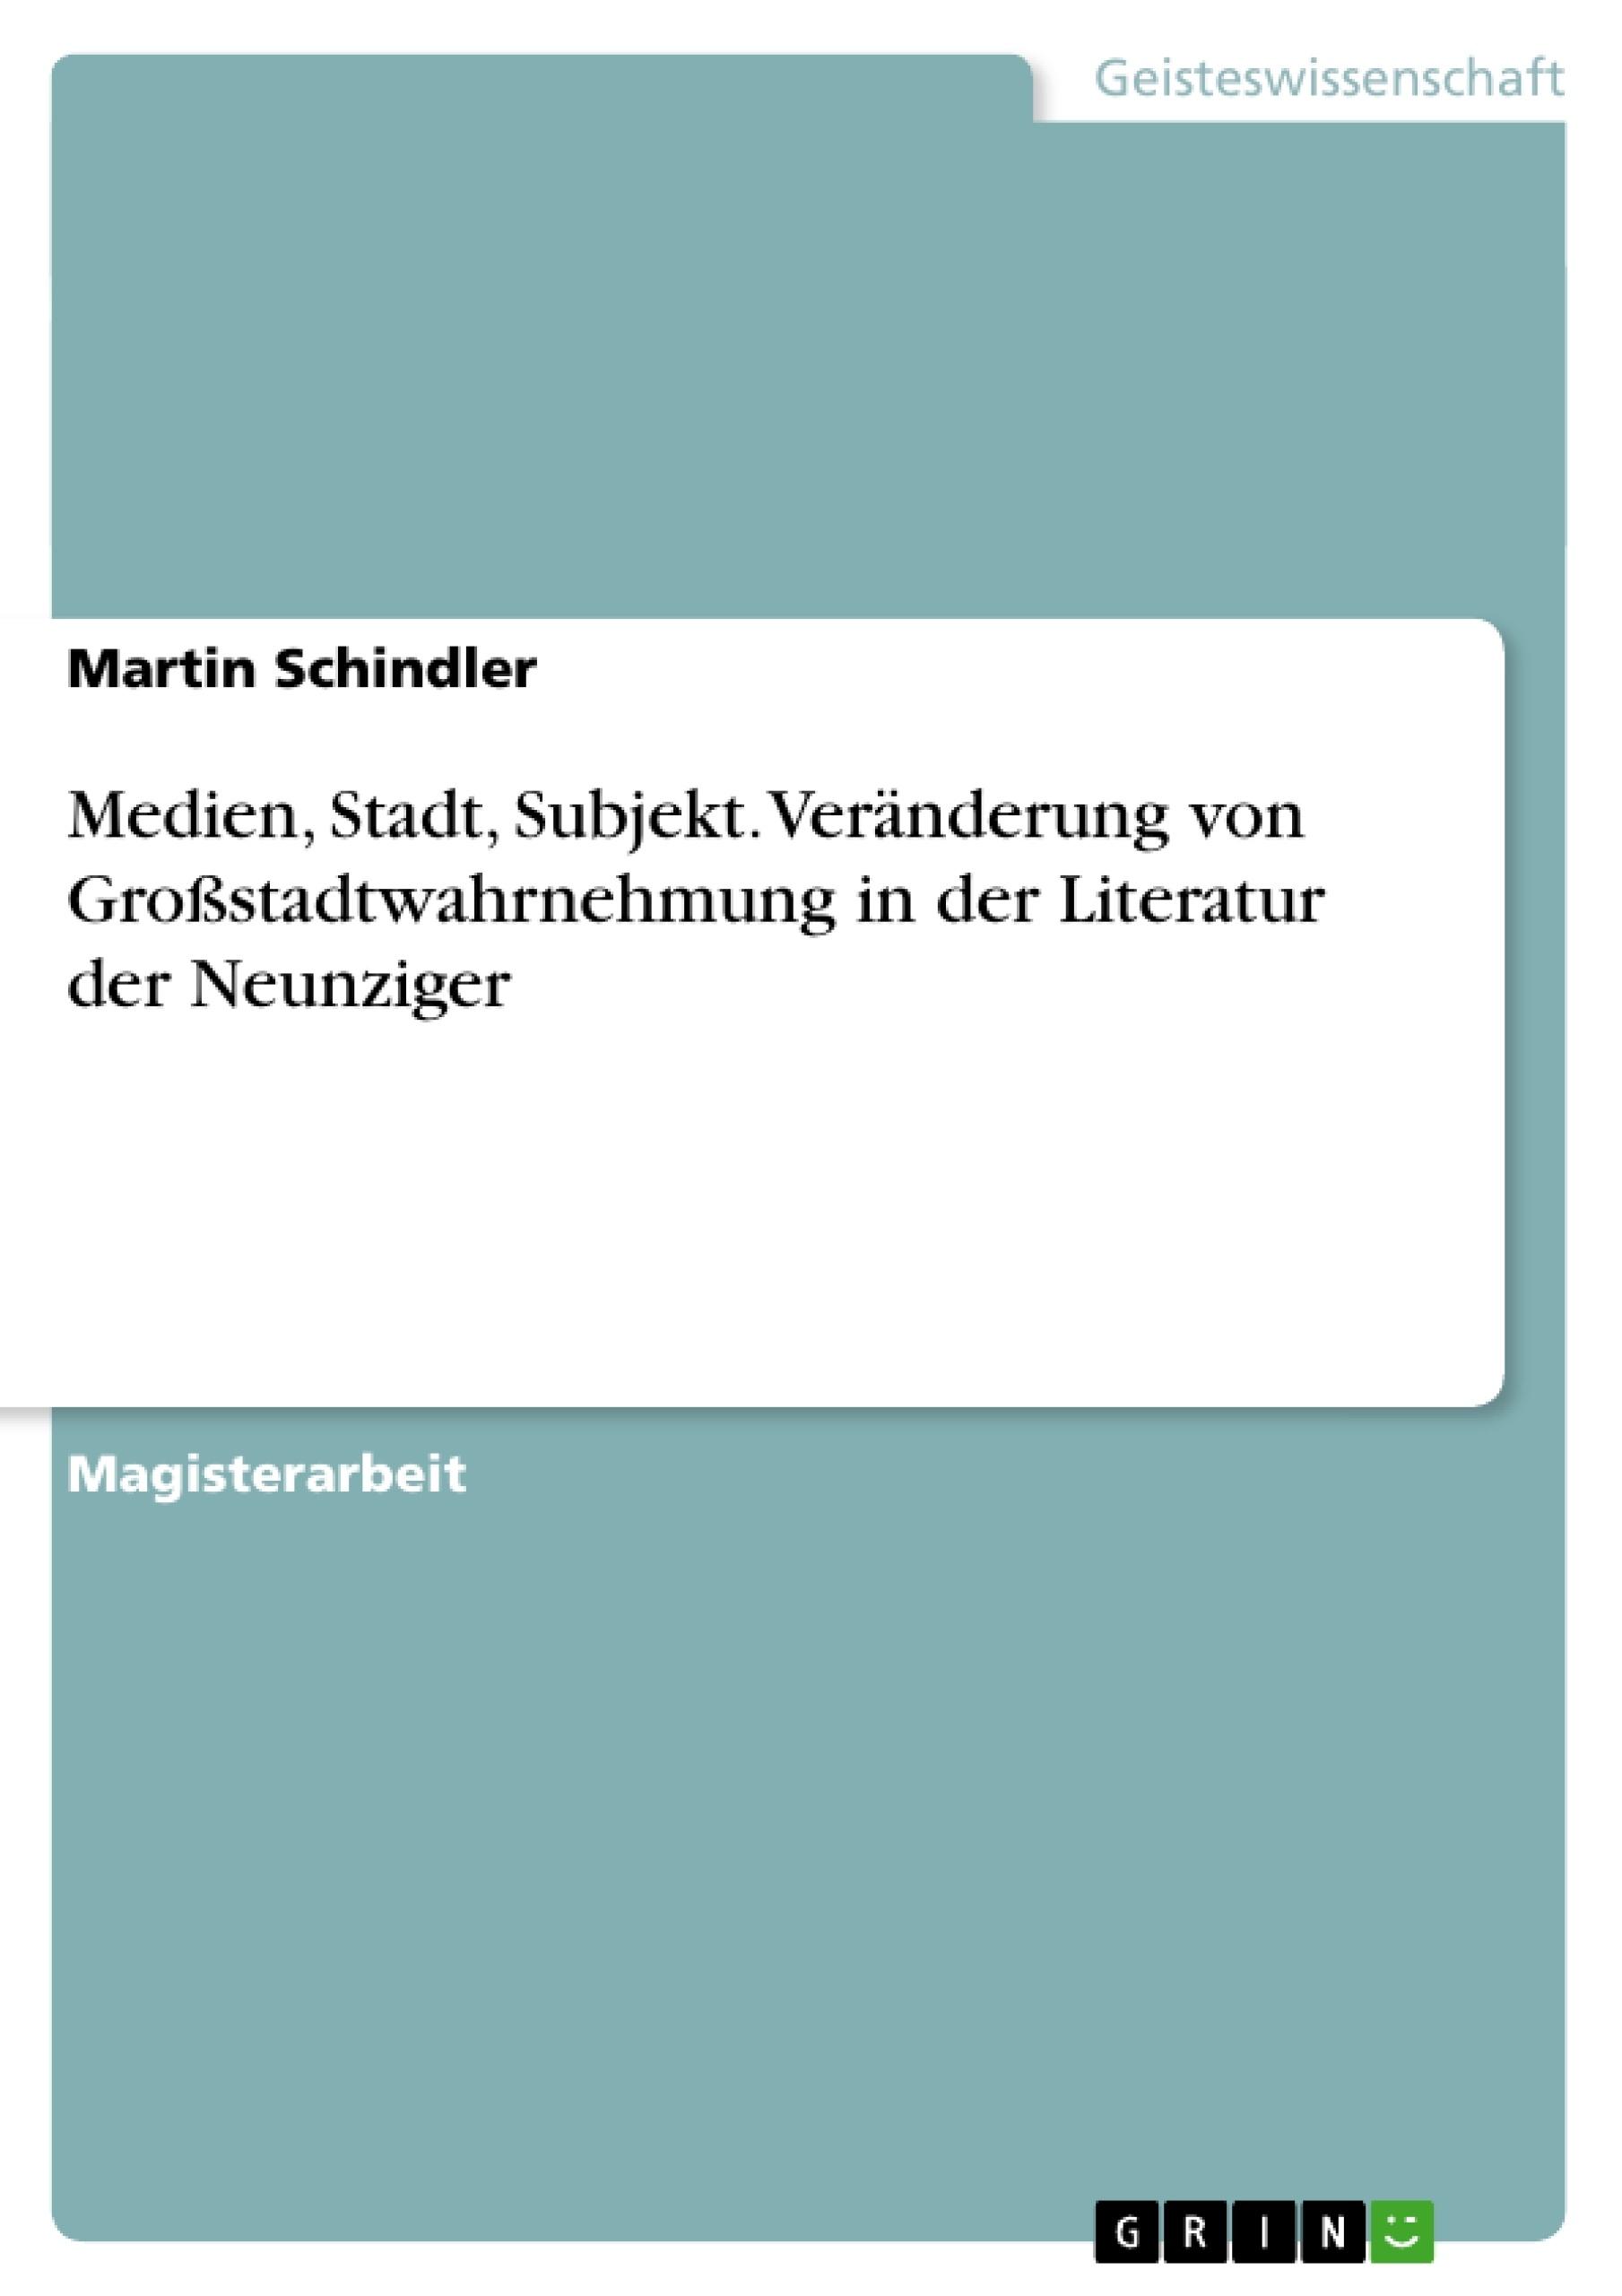 Titel: Medien, Stadt, Subjekt. Veränderung von Großstadtwahrnehmung in der Literatur der Neunziger